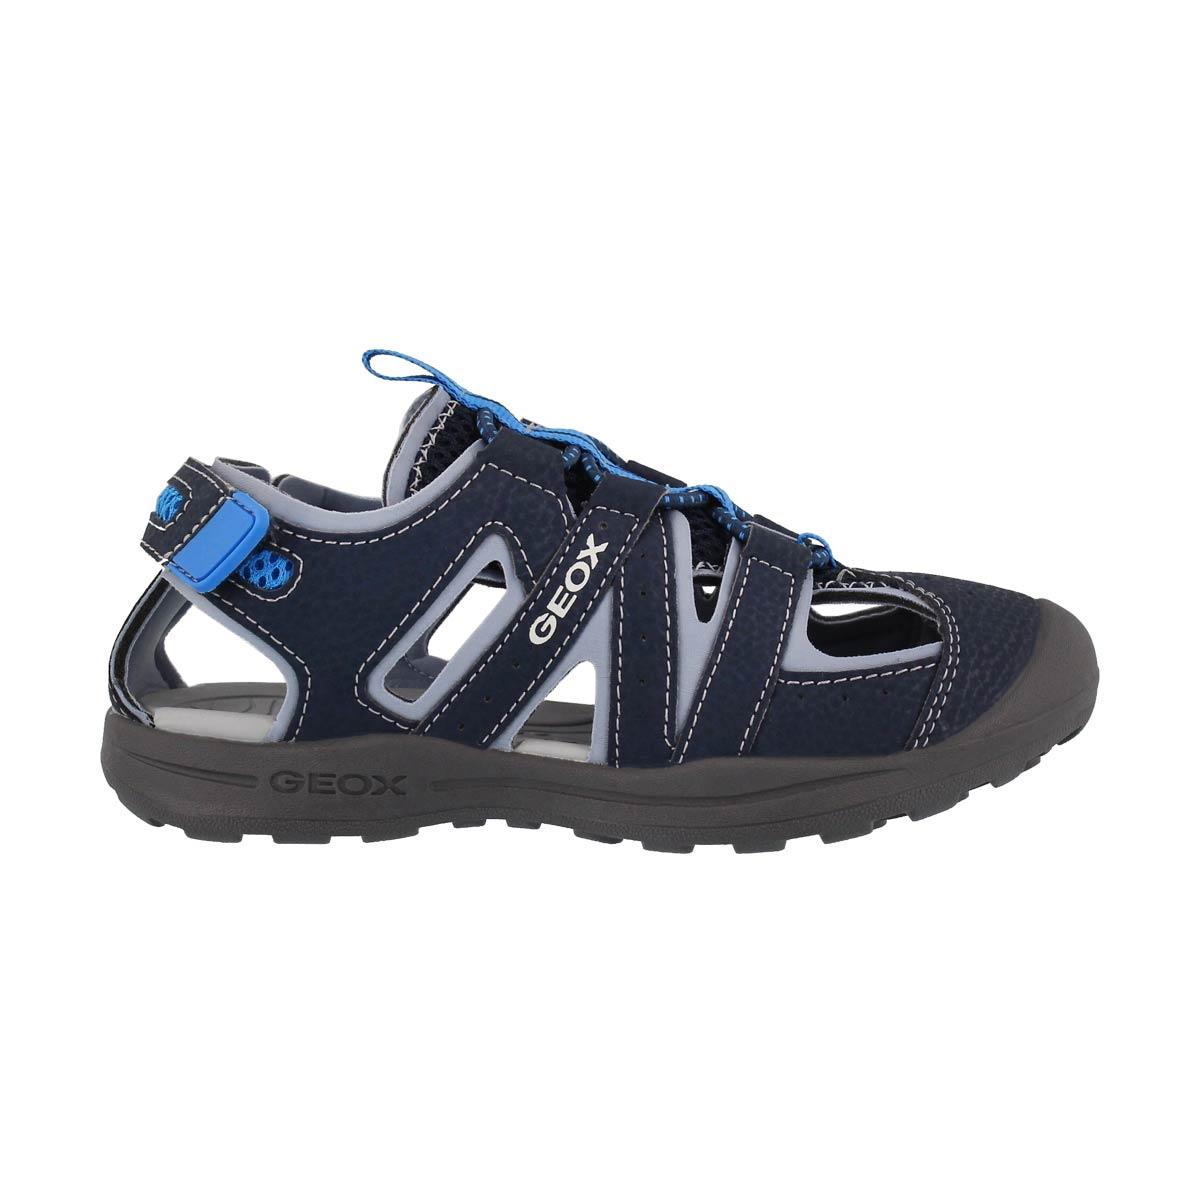 Bys J Vaniett nvy/sky fisherman sandal